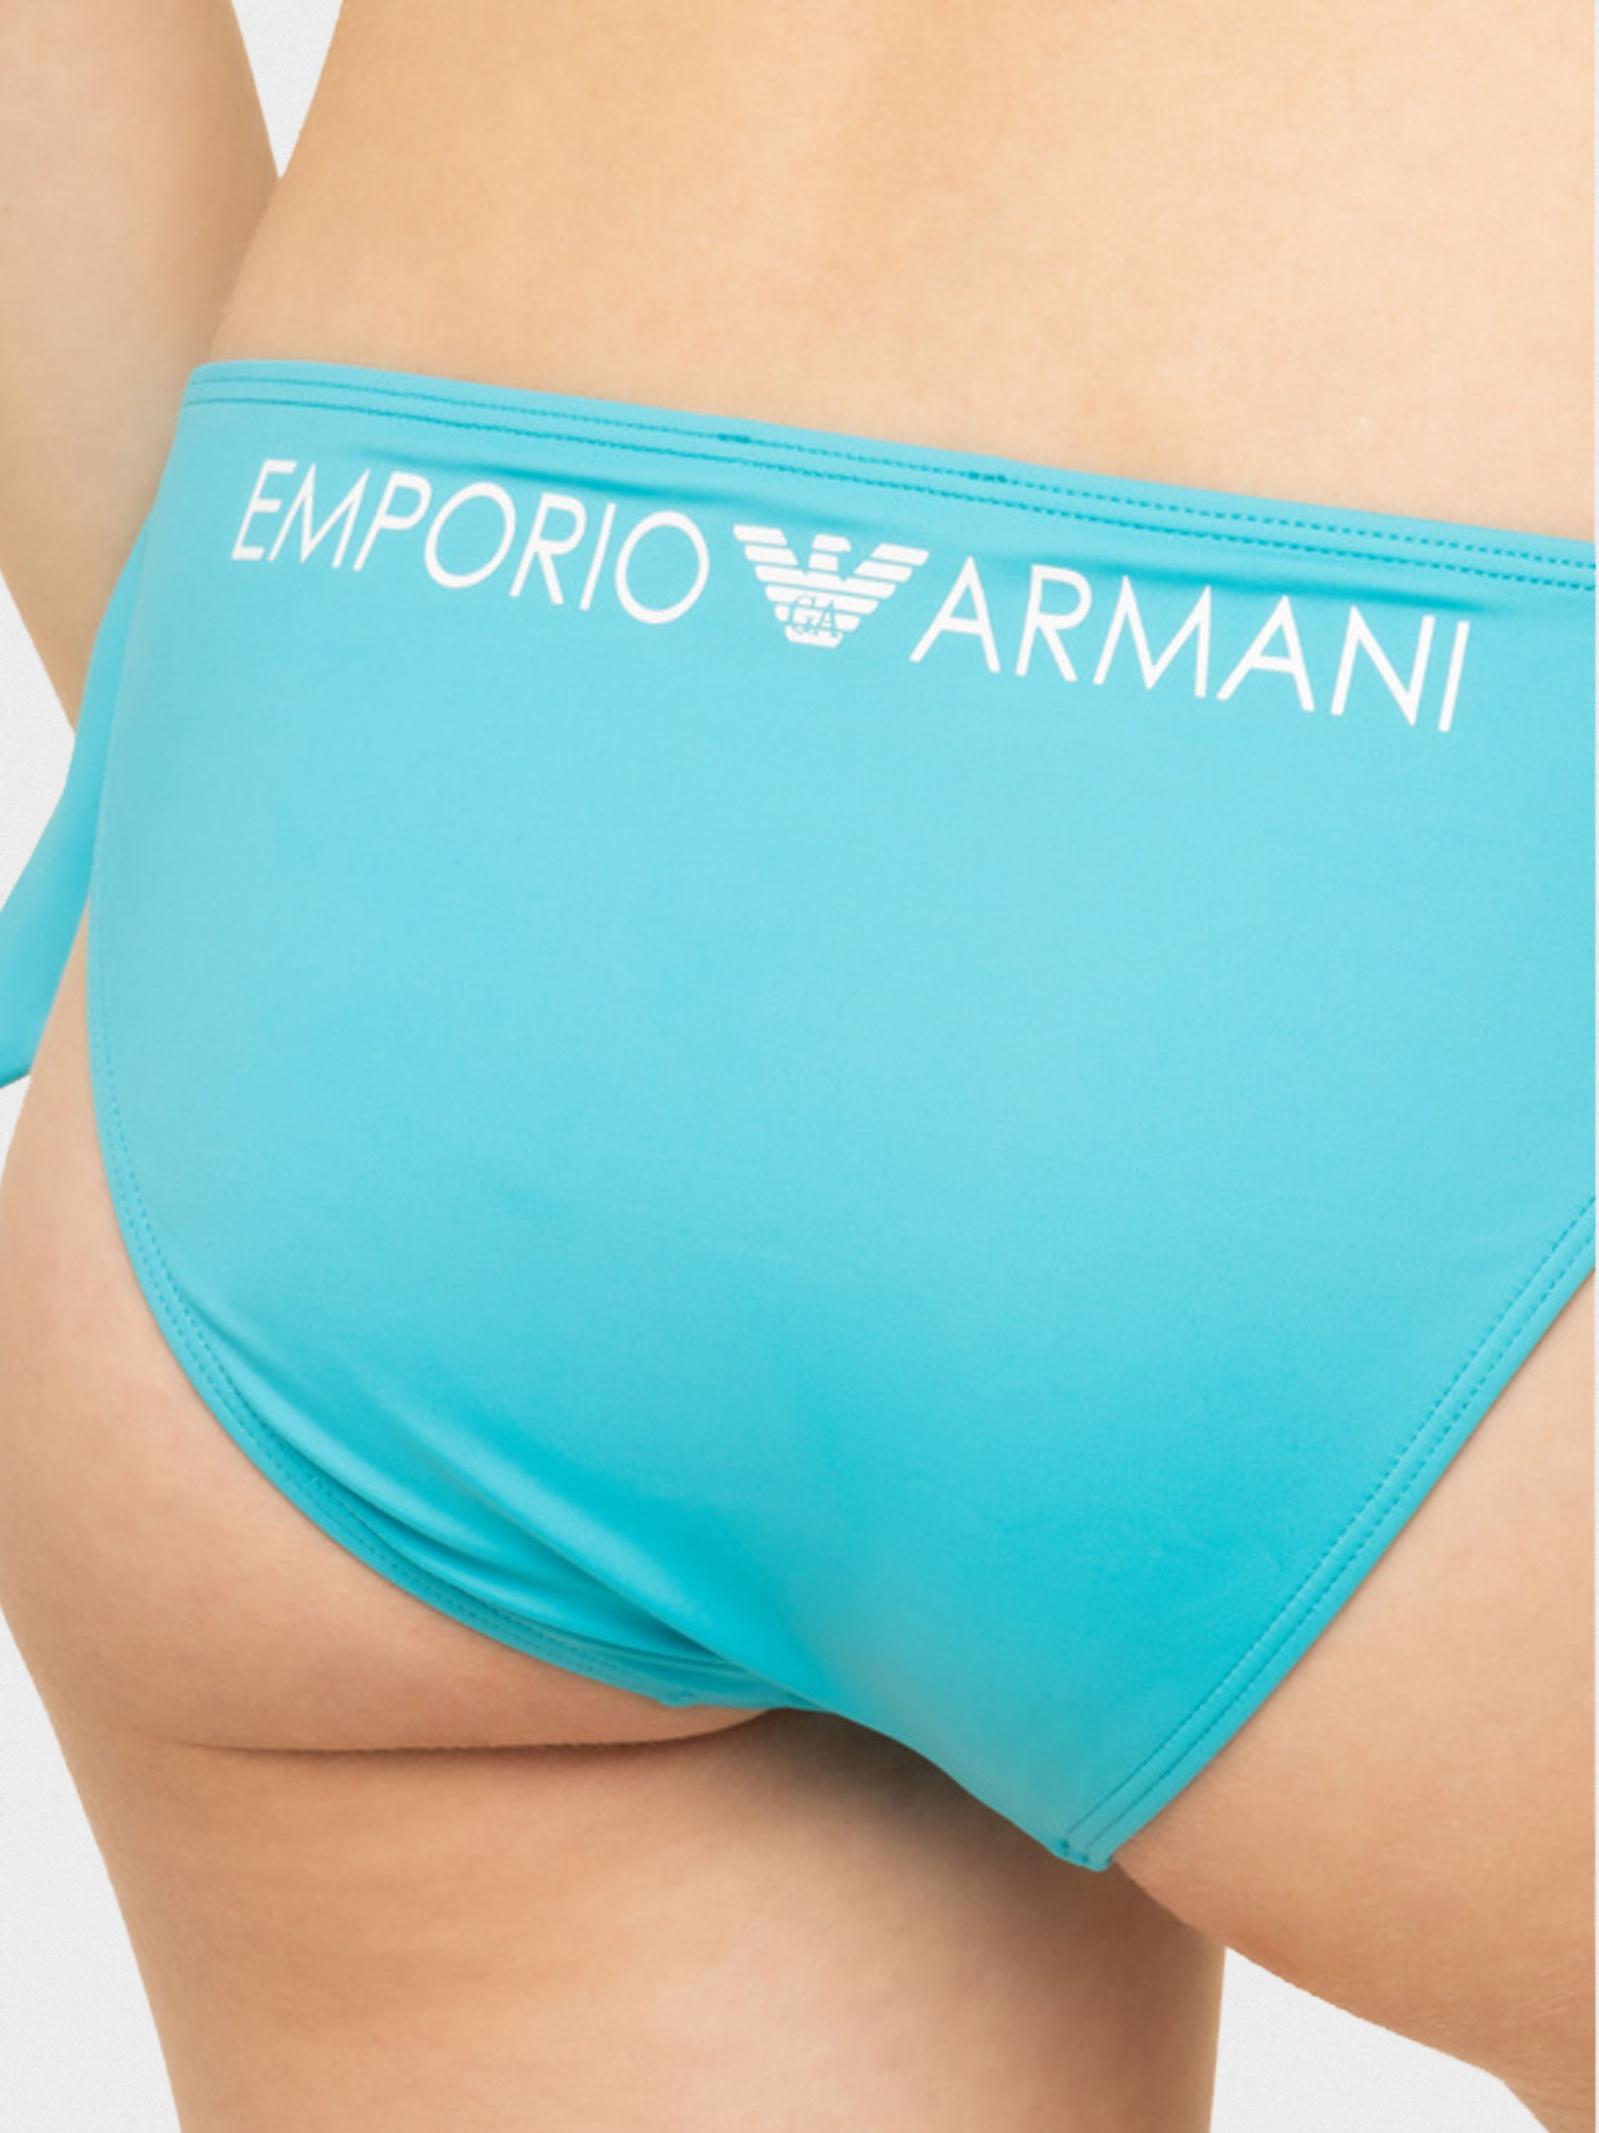 Купальник женские Emporio Armani модель 5P792 характеристики, 2017